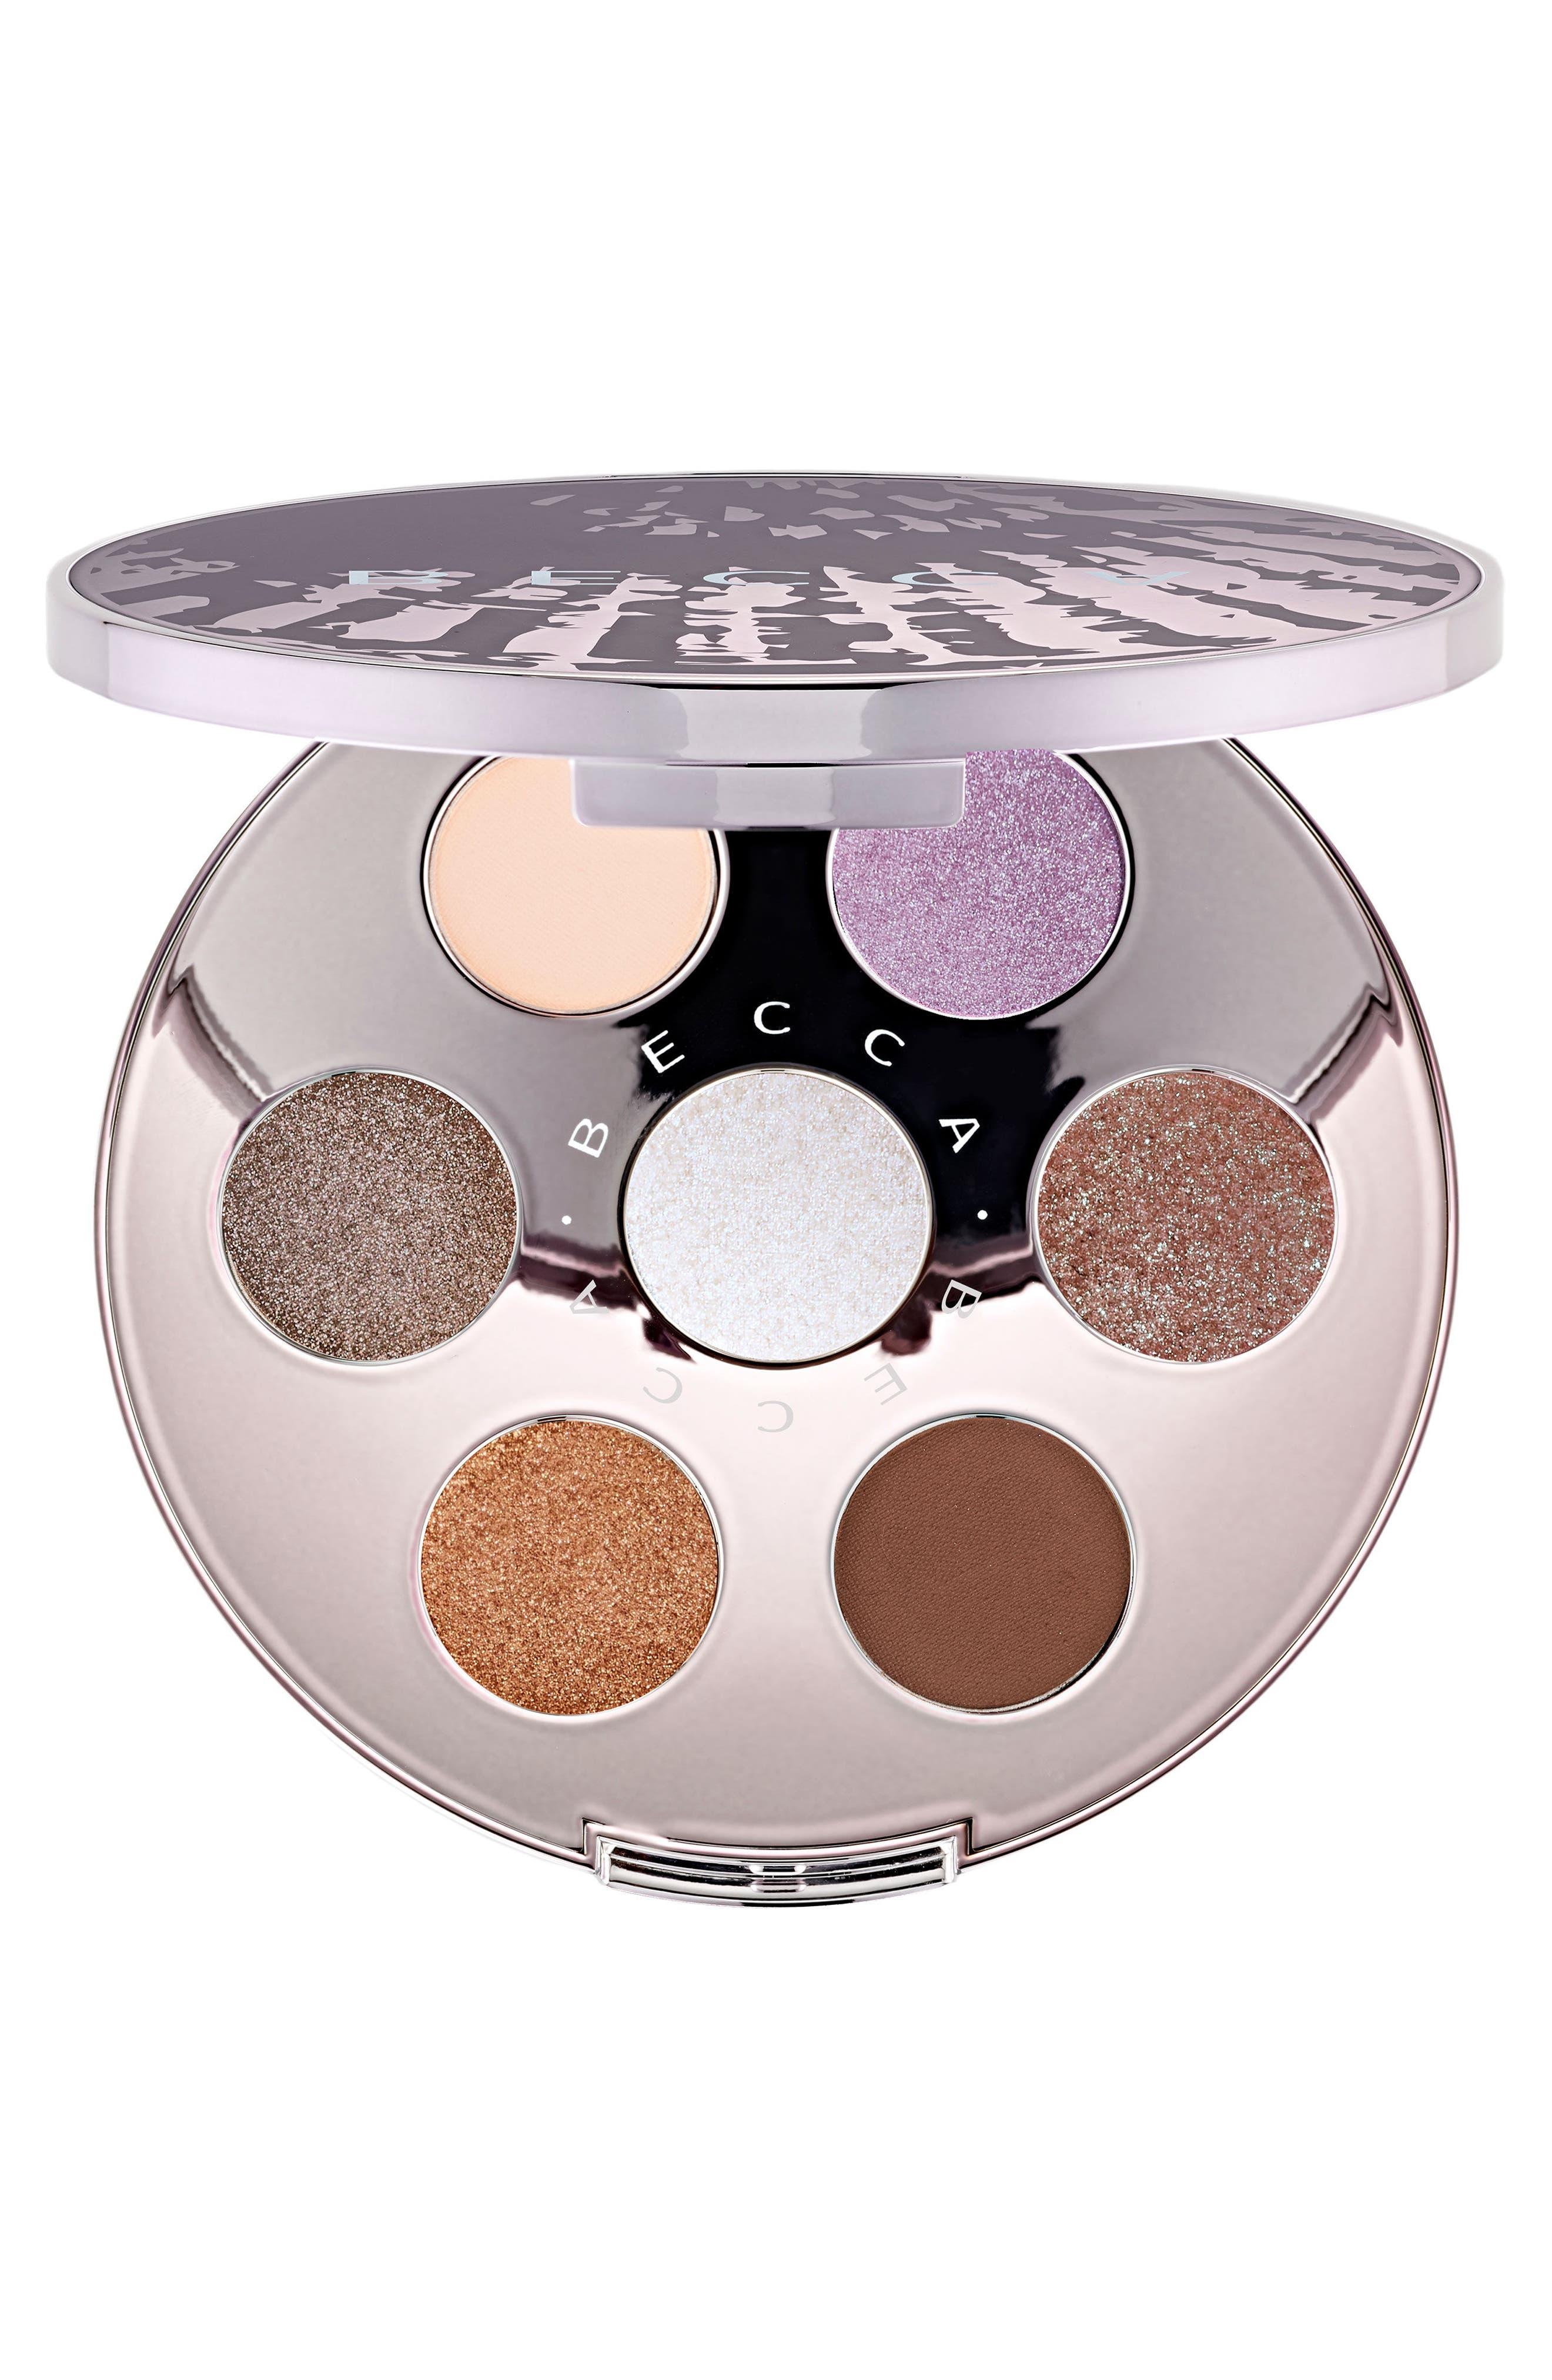 BECCA Ocean Jewels Eyeshadow Palette,                         Main,                         color, 000